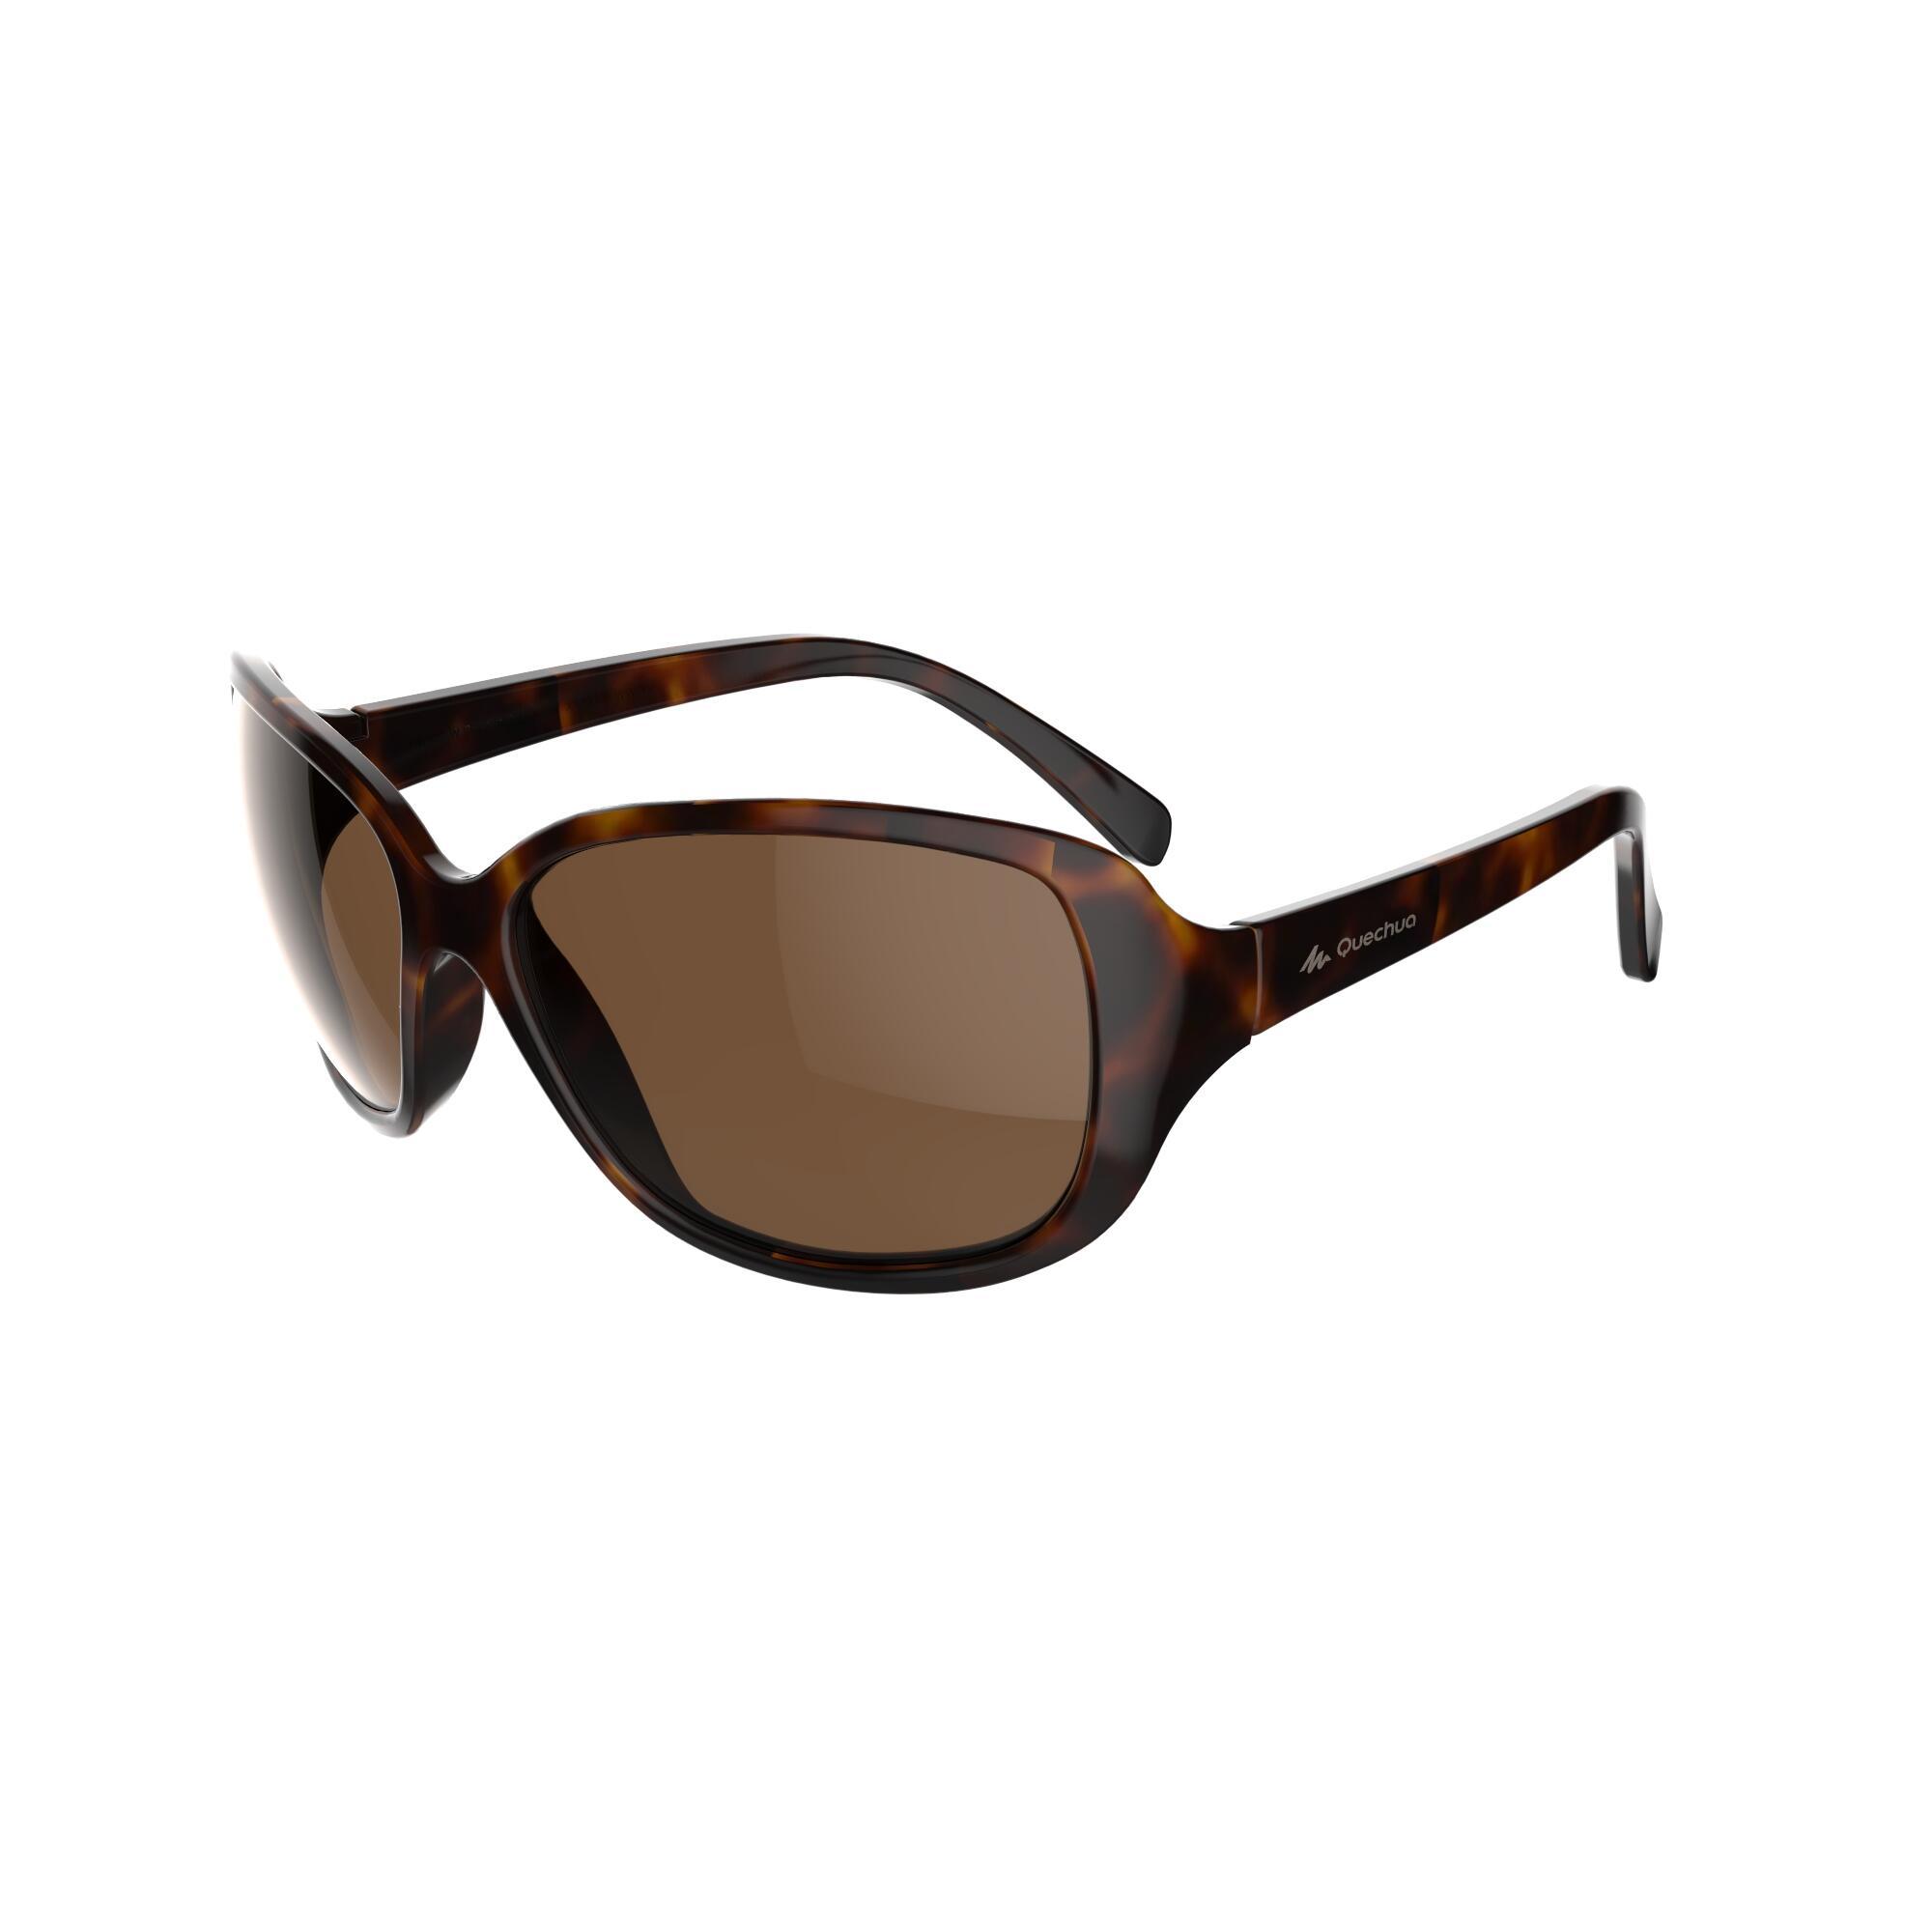 Sonnenbrille Sportbrille MH530 polarisierend Kategorie 3 Damen braun | Accessoires > Sonnenbrillen | Braun | Quechua